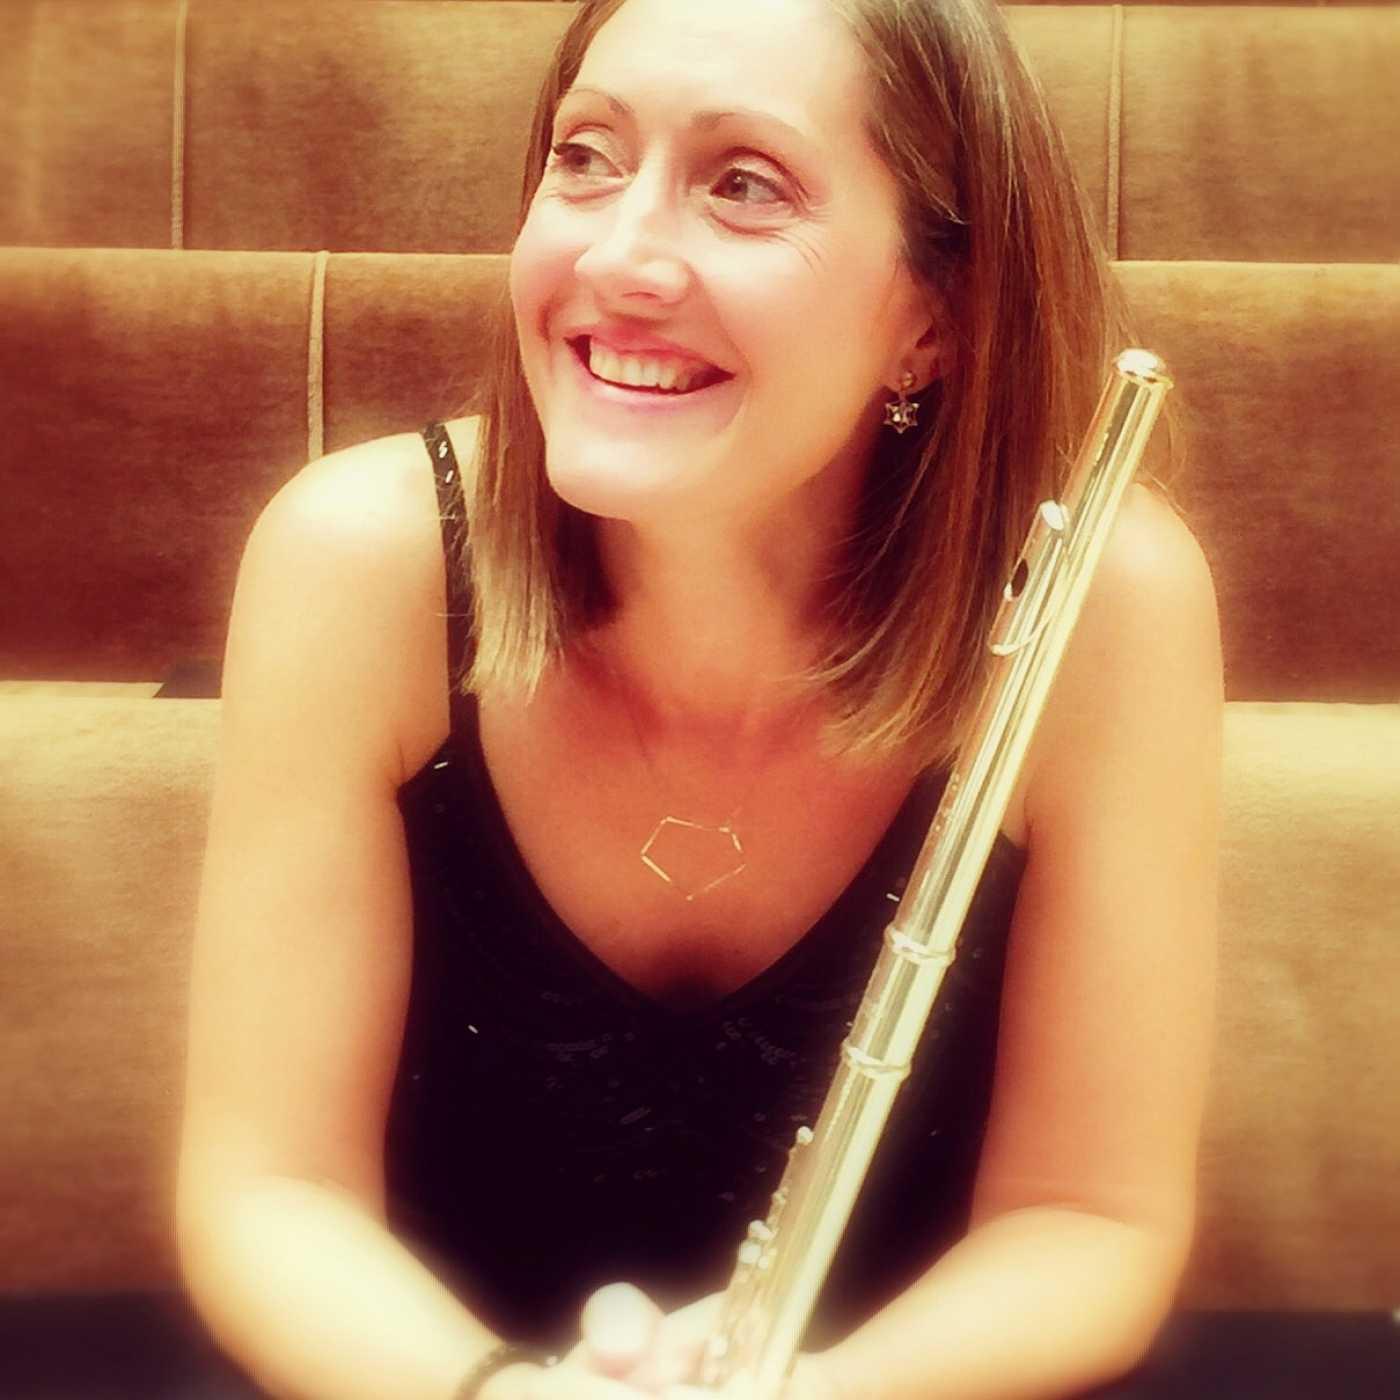 La solista de flauta de la Orquesta Sinfónica y Coro RTVE, Mónica Raga